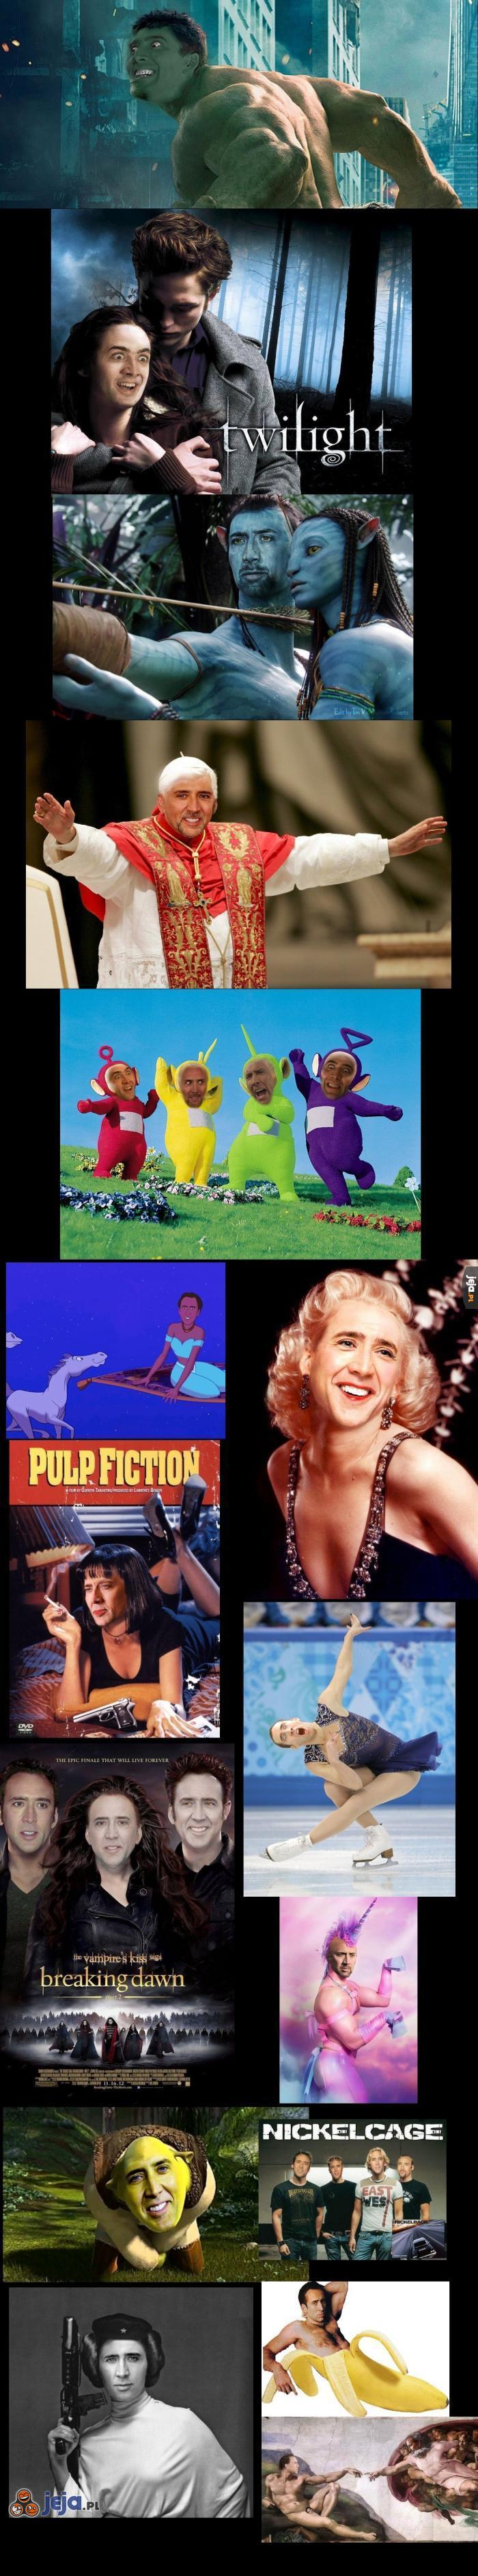 Nicolas Cage odrzucił kilka ikonicznych ról